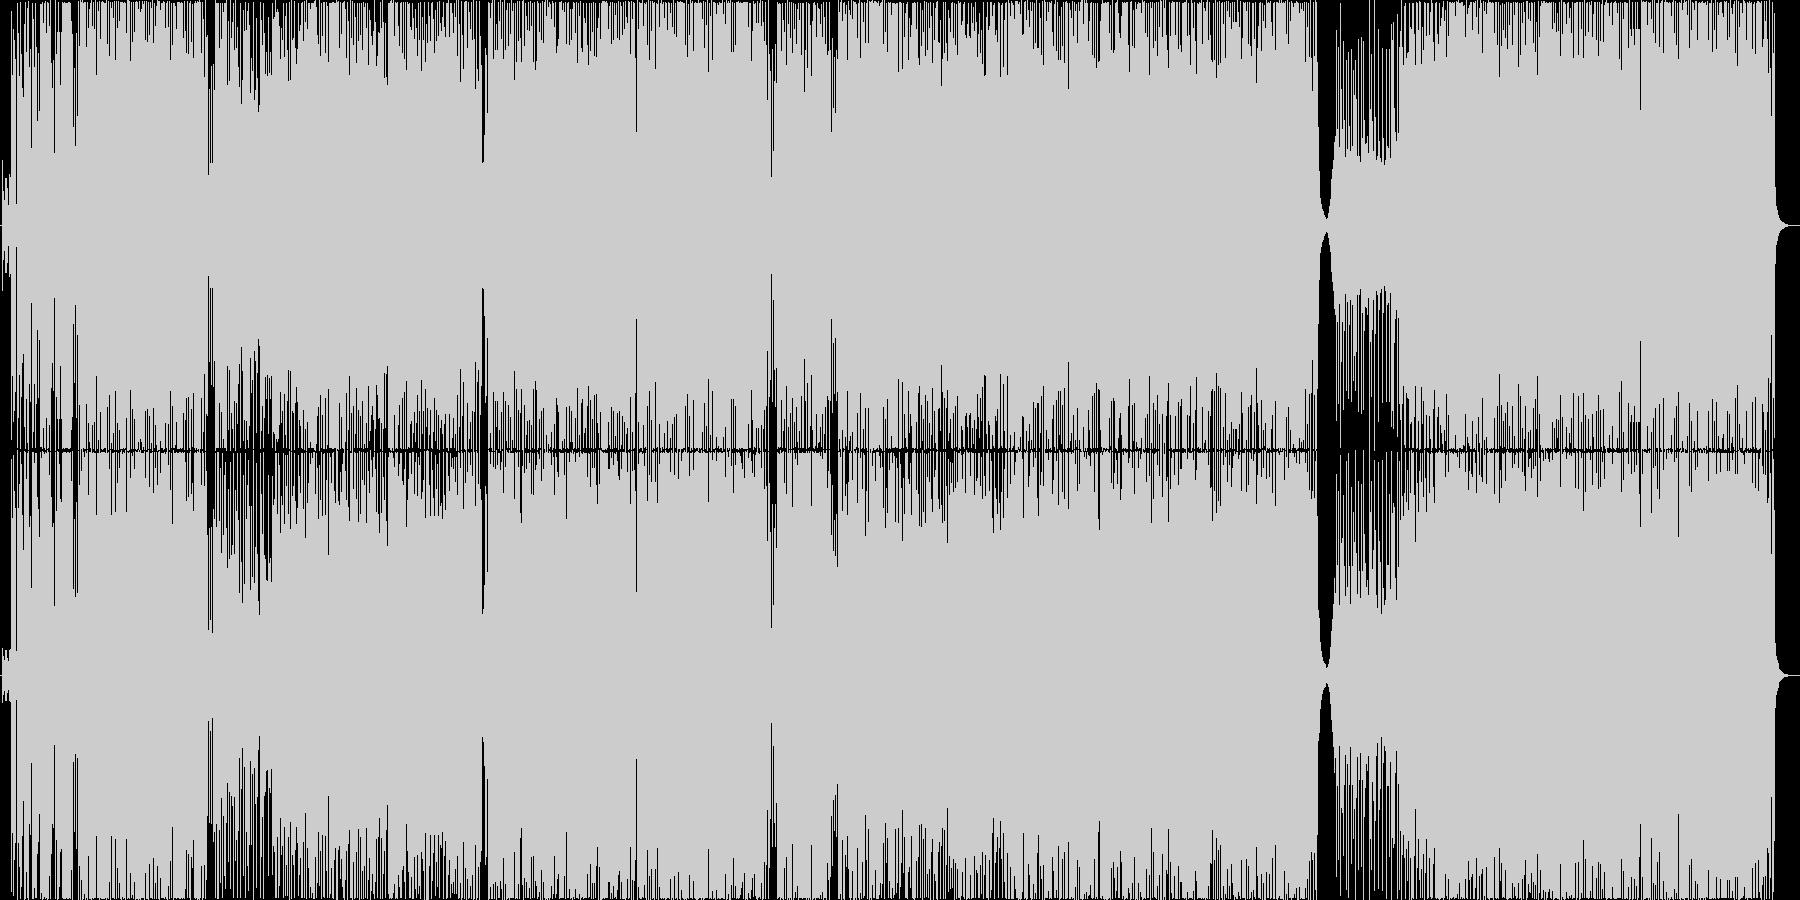 三味線が奏でる和風ロック!の未再生の波形